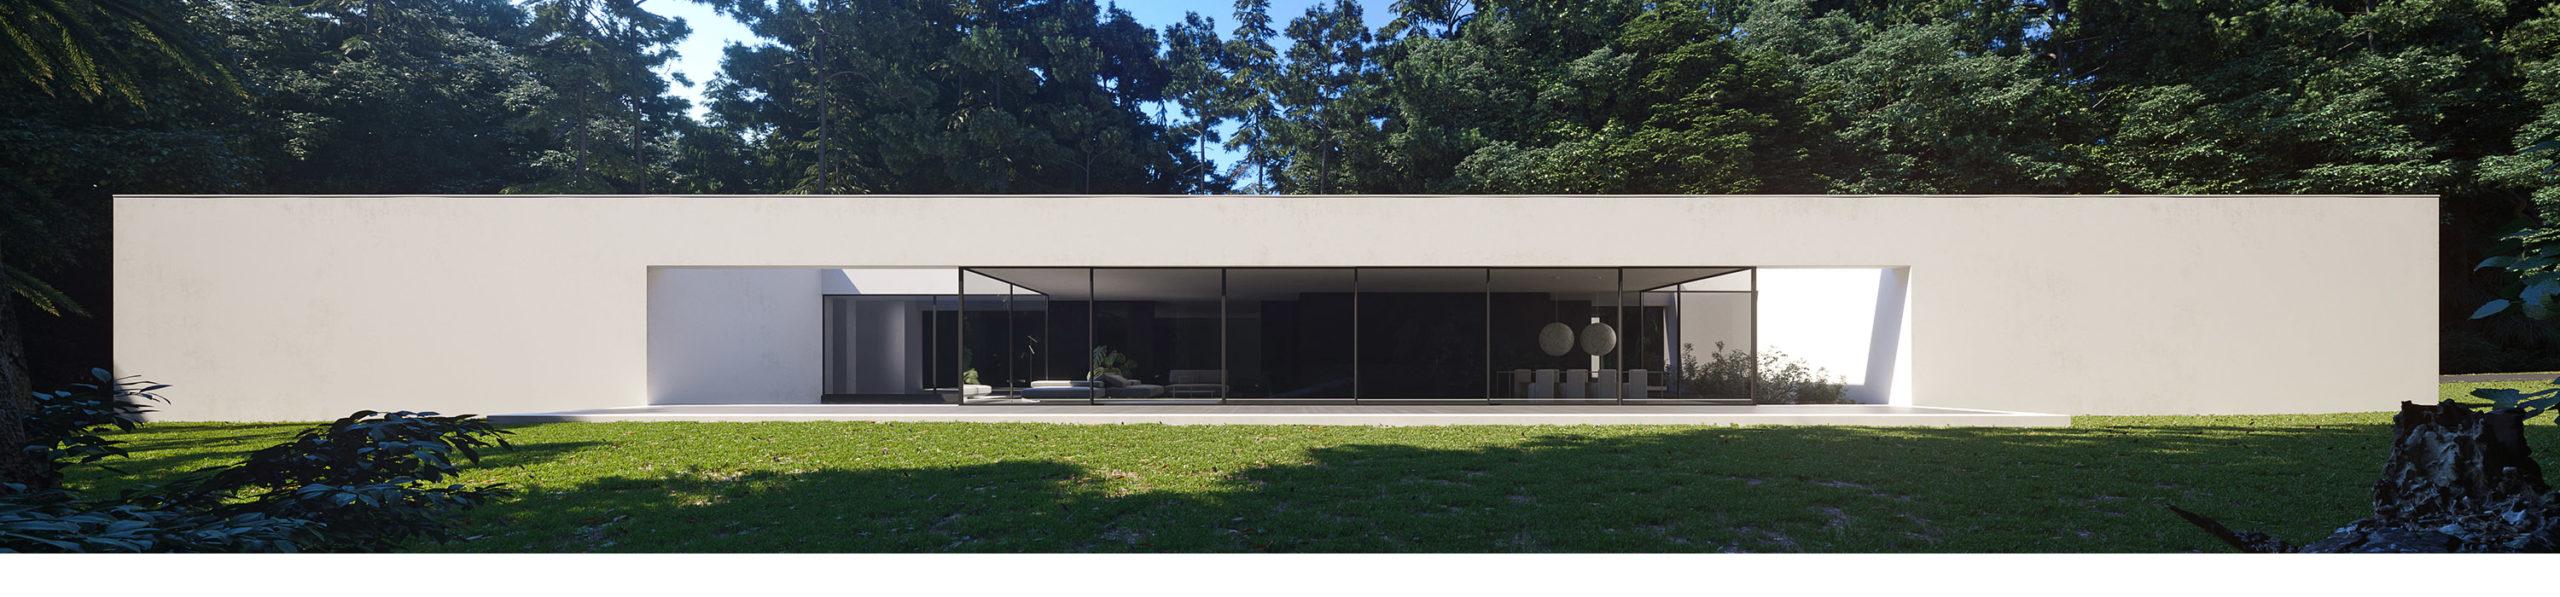 architecture-092